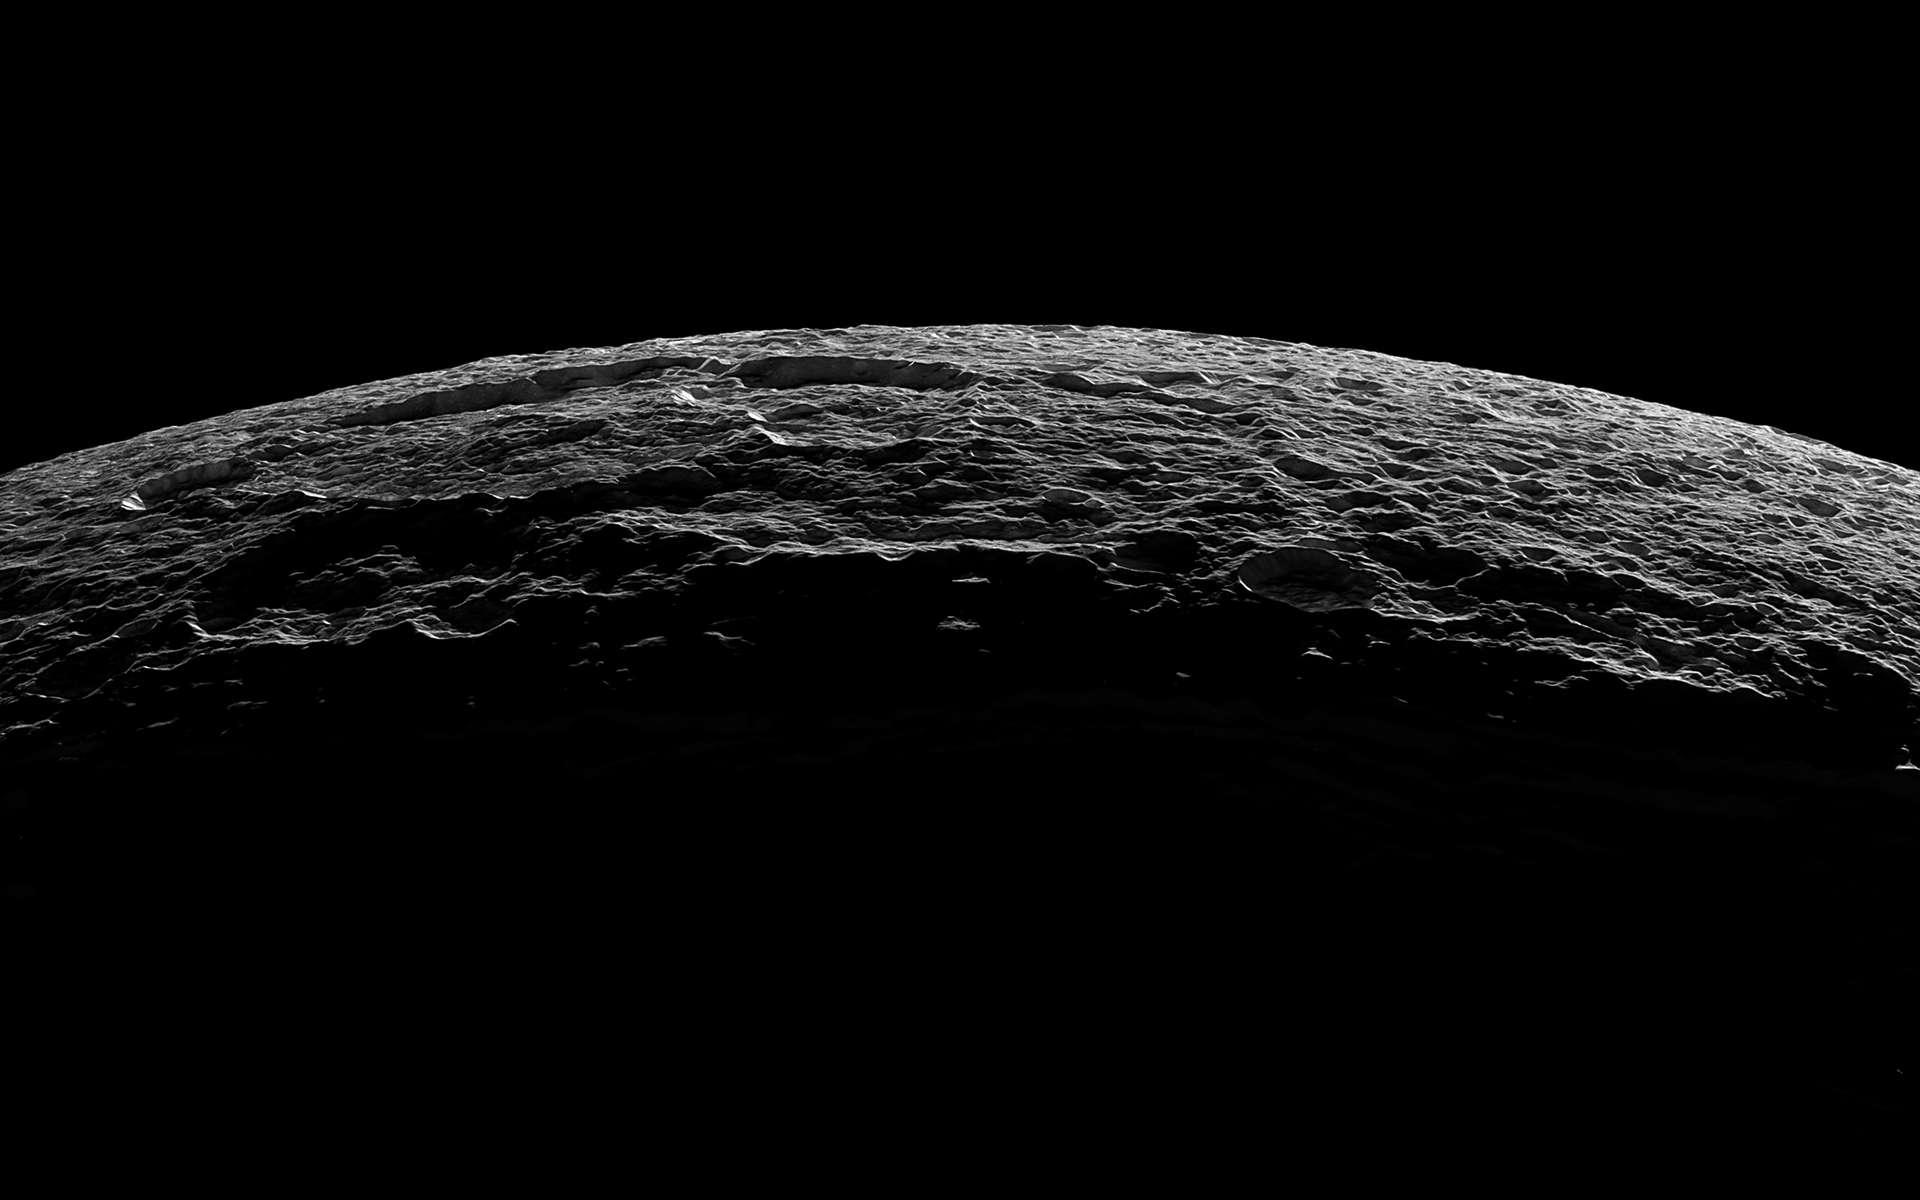 Enquête sur le côté obscur de l'exploration spatiale. © mode_list, Adobe Stock